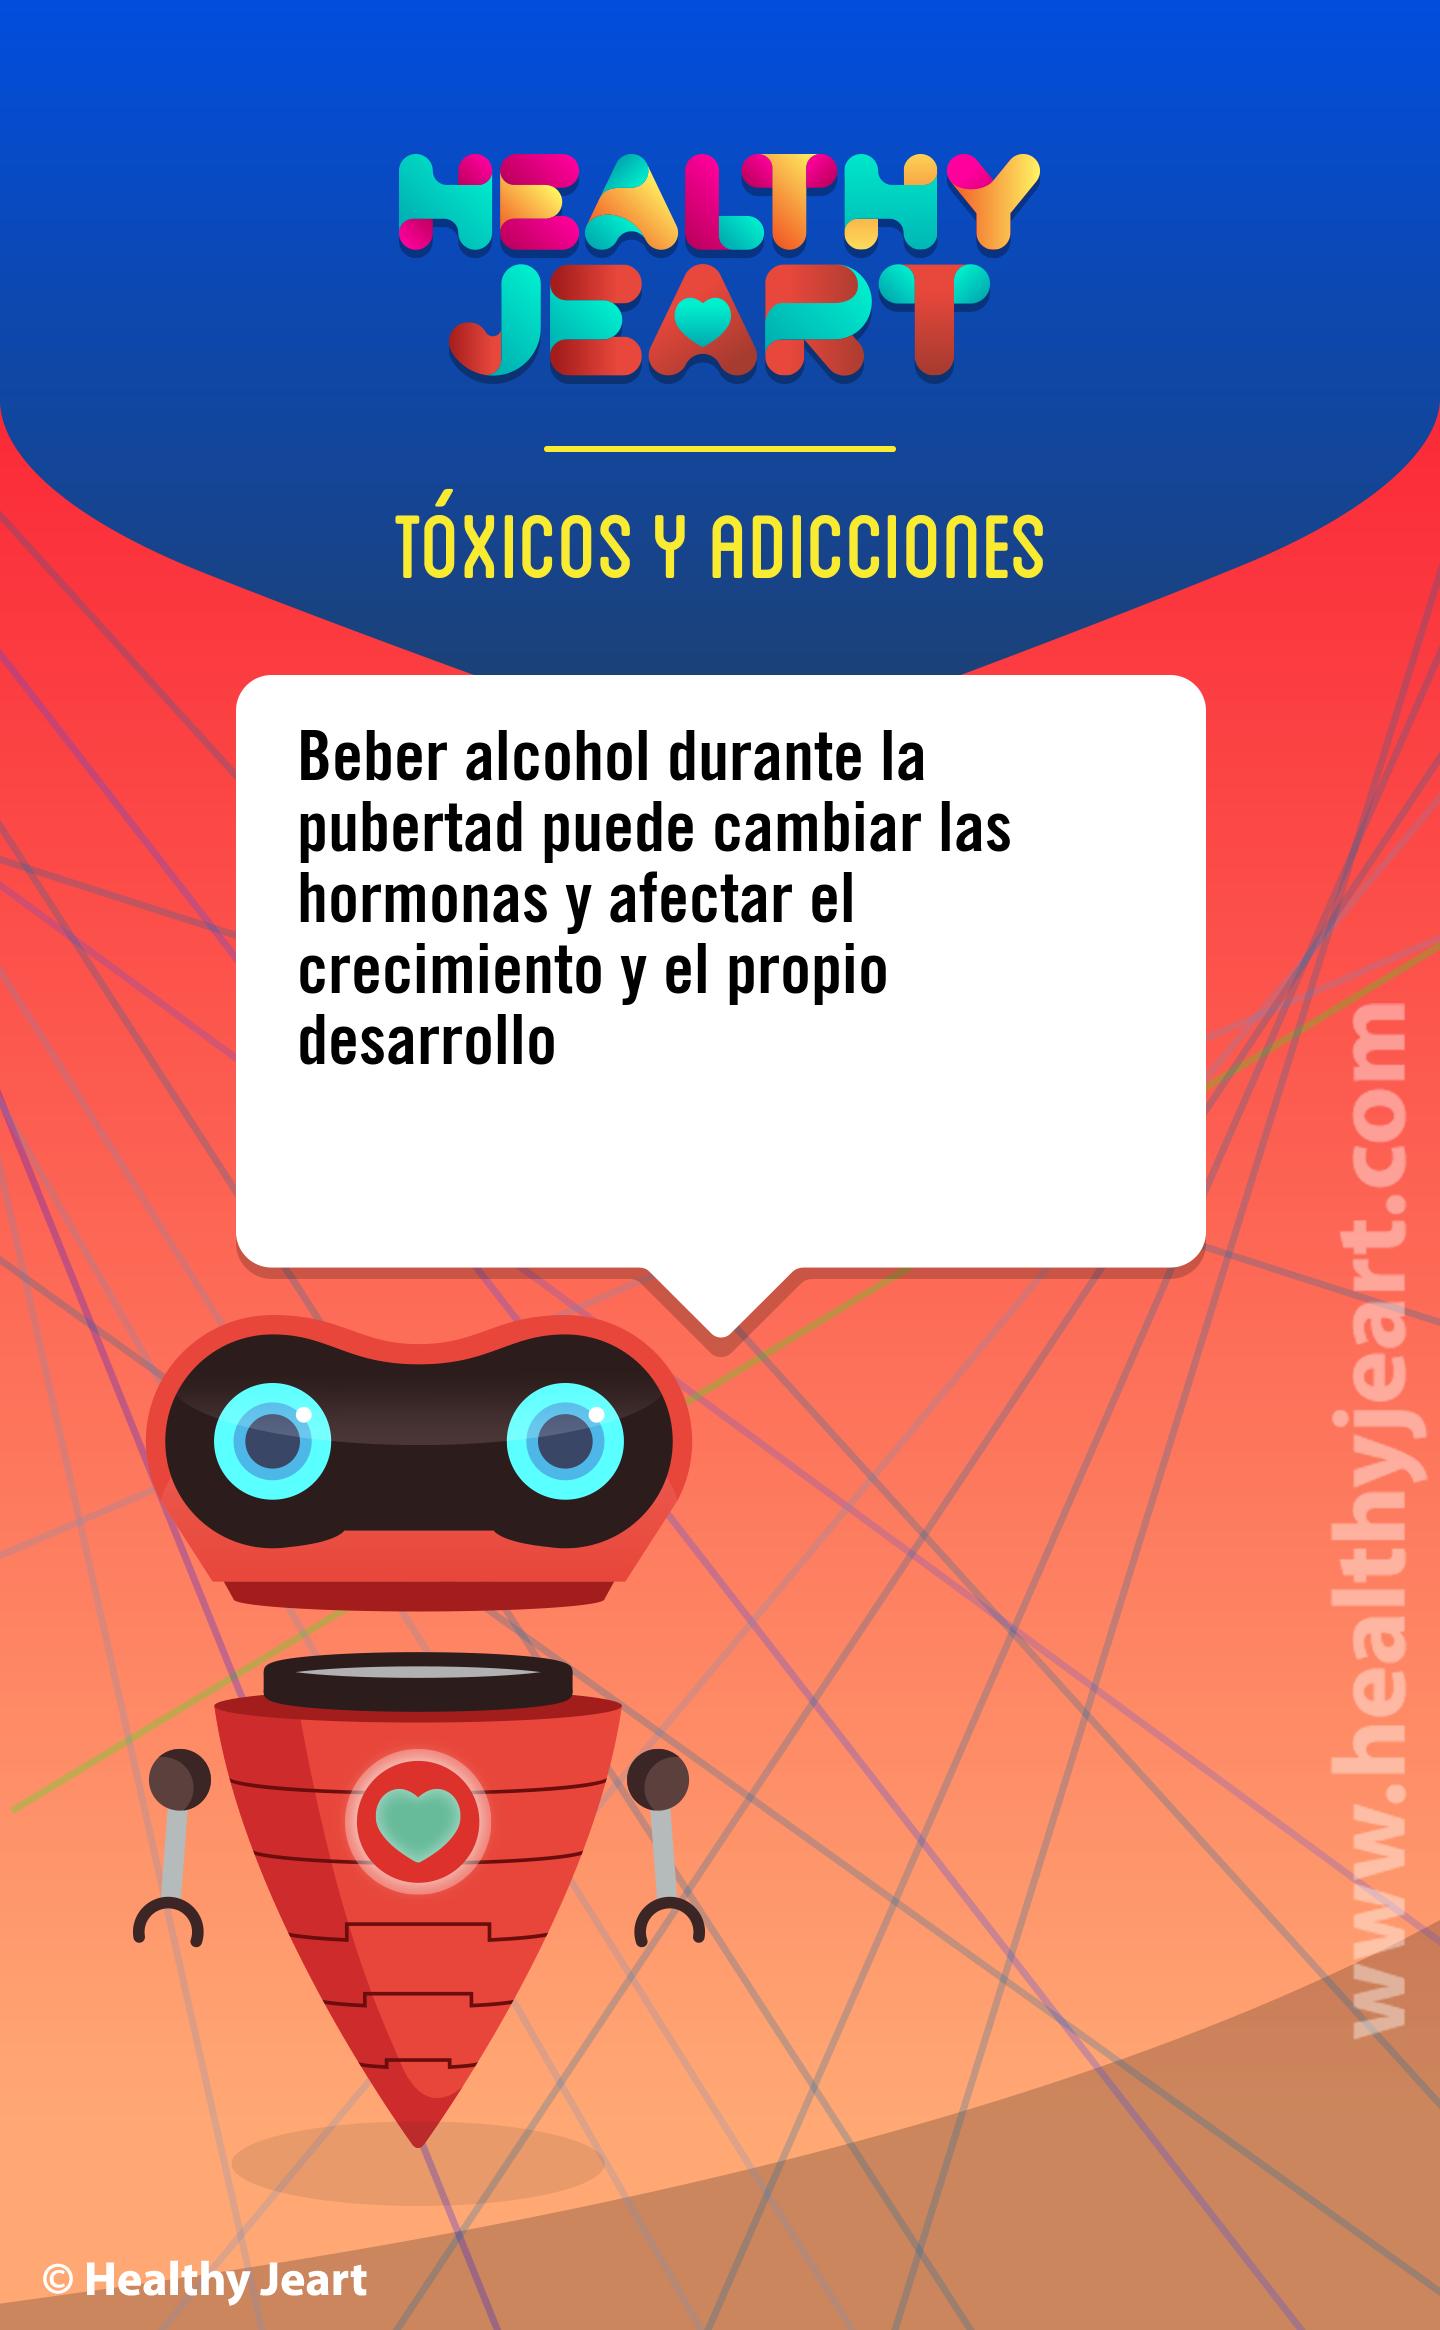 Beber alcohol durante la pubertad puede cambiar las hormonas y afectar el propio crecimiento y el propio desarrollo